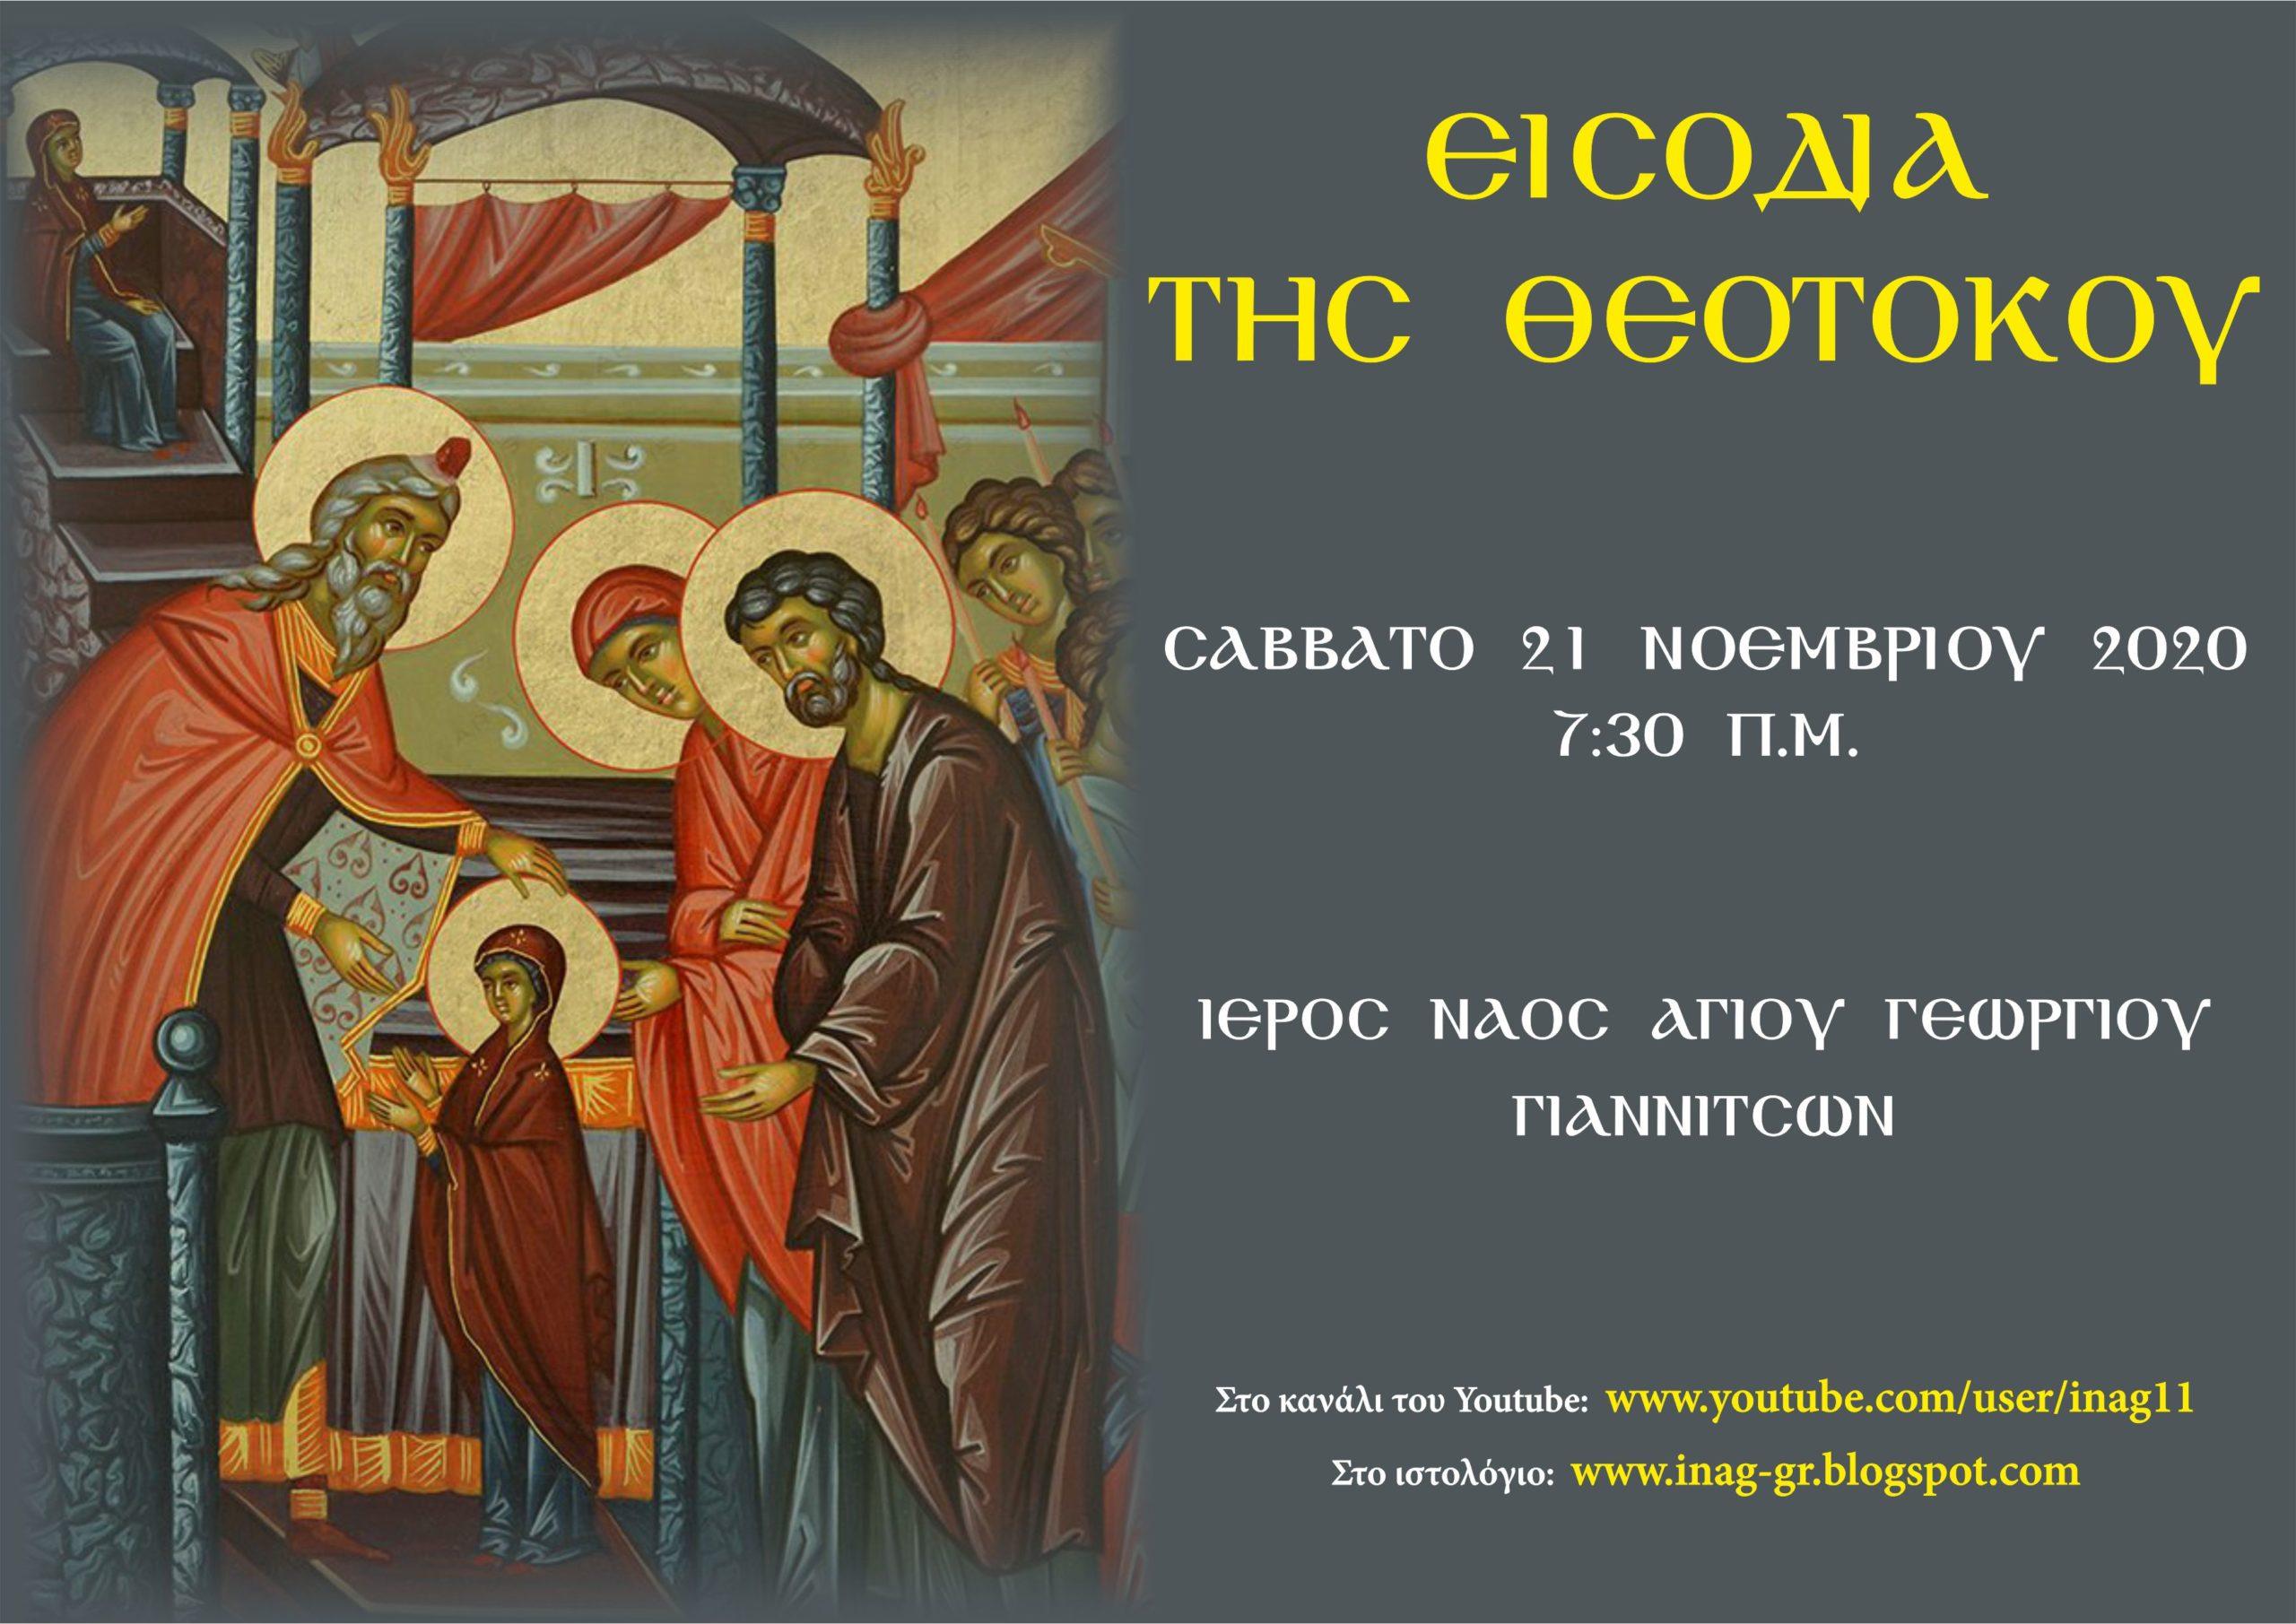 Γιορτή σήμερα : Σήμερα 21 Νοεμβρίου γιορτάζουμε ταεισόδια της Θεοτόκου